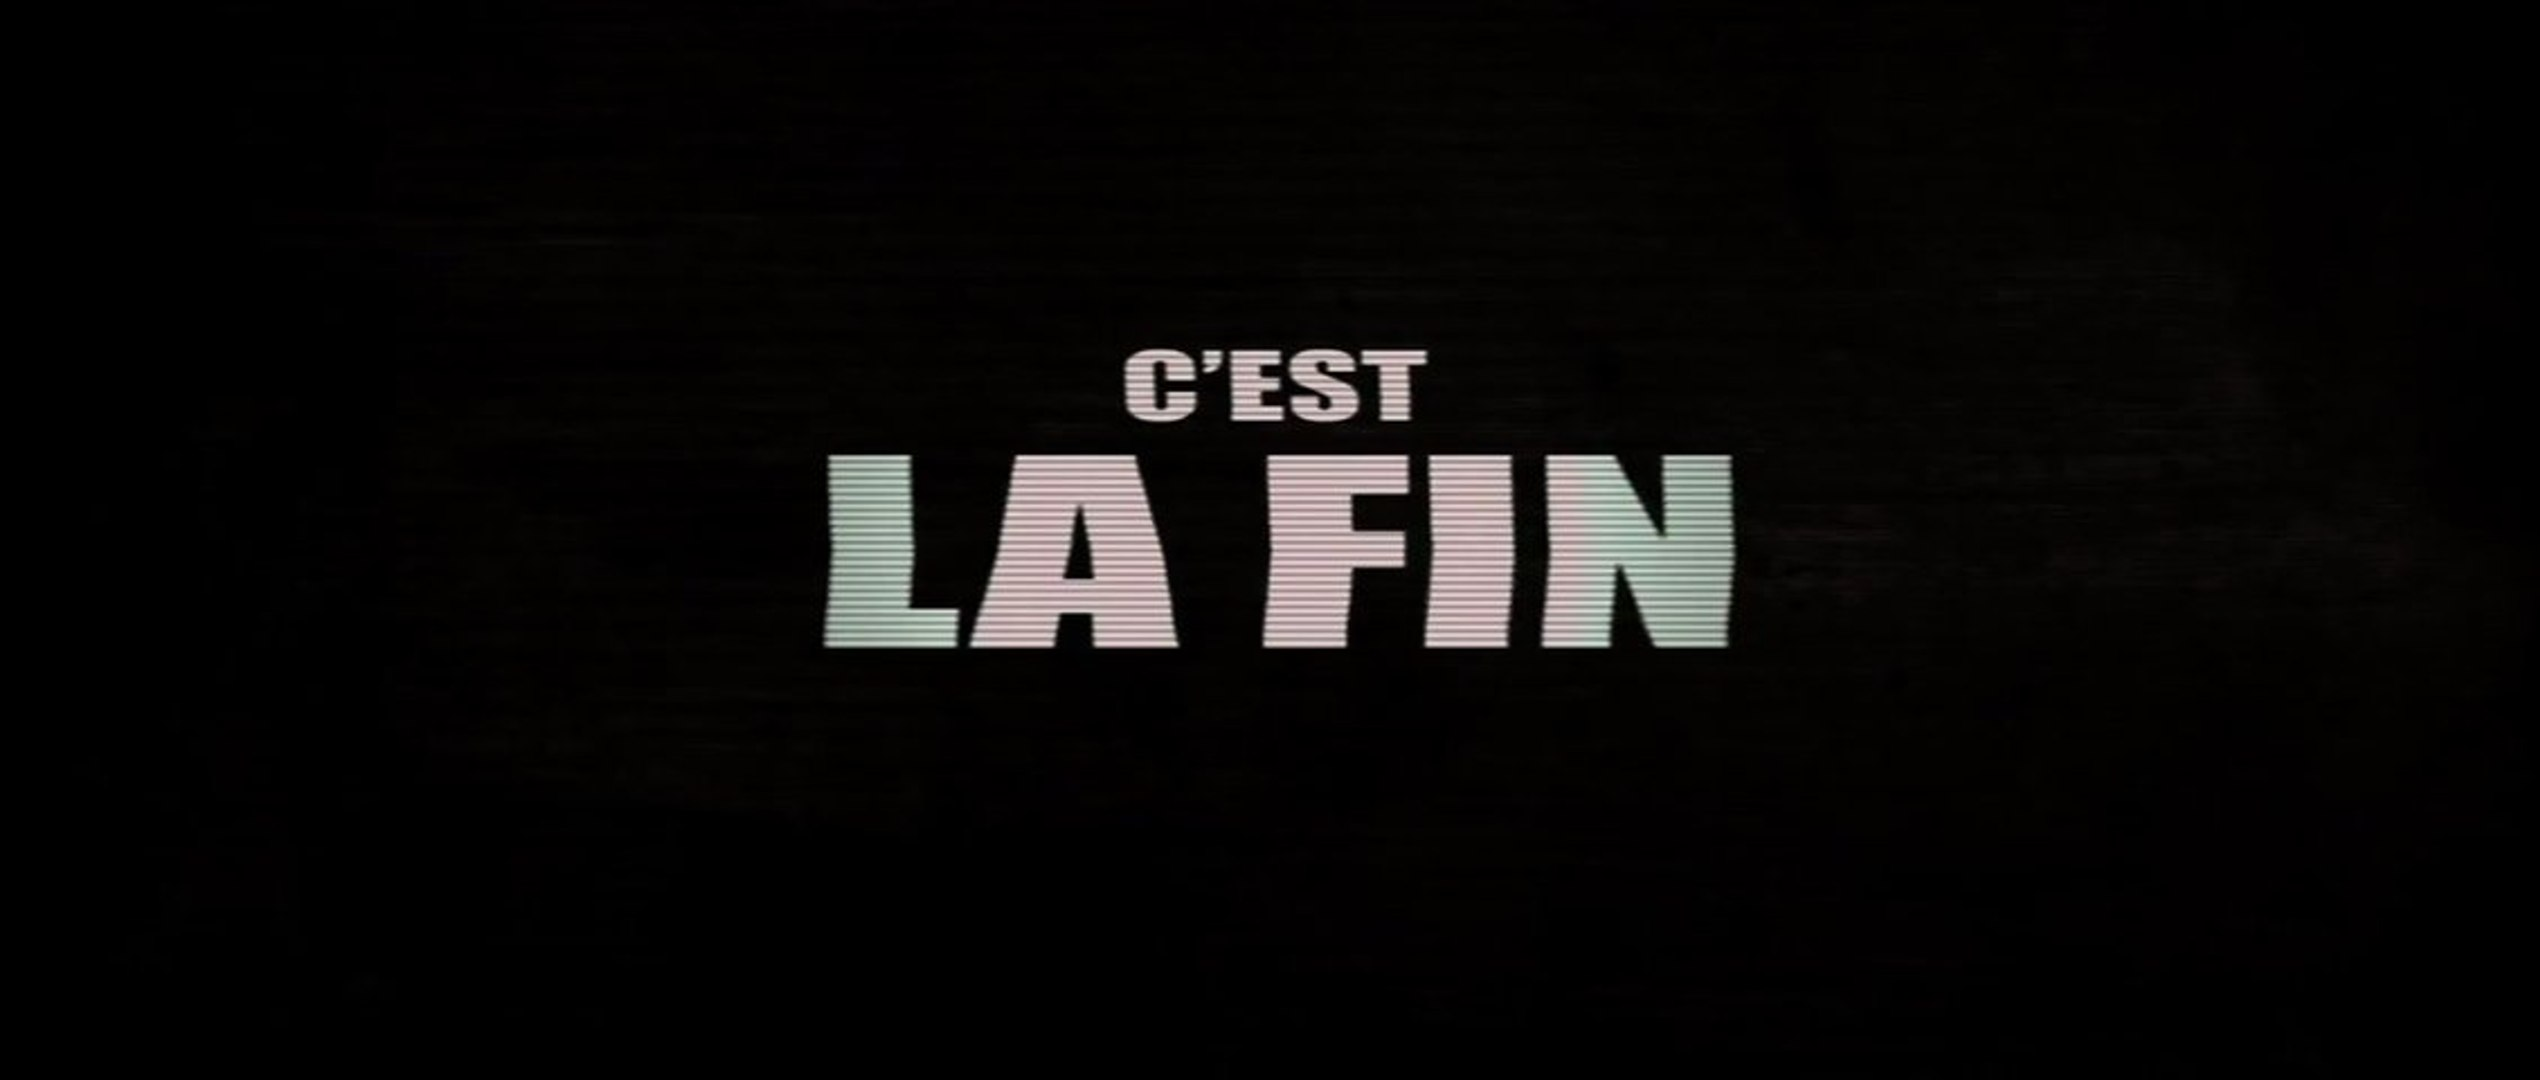 C'est la fin (This is the End) - Bande-Annonce / Trailer [VOST|HD1080p] -  Vidéo Dailymotion